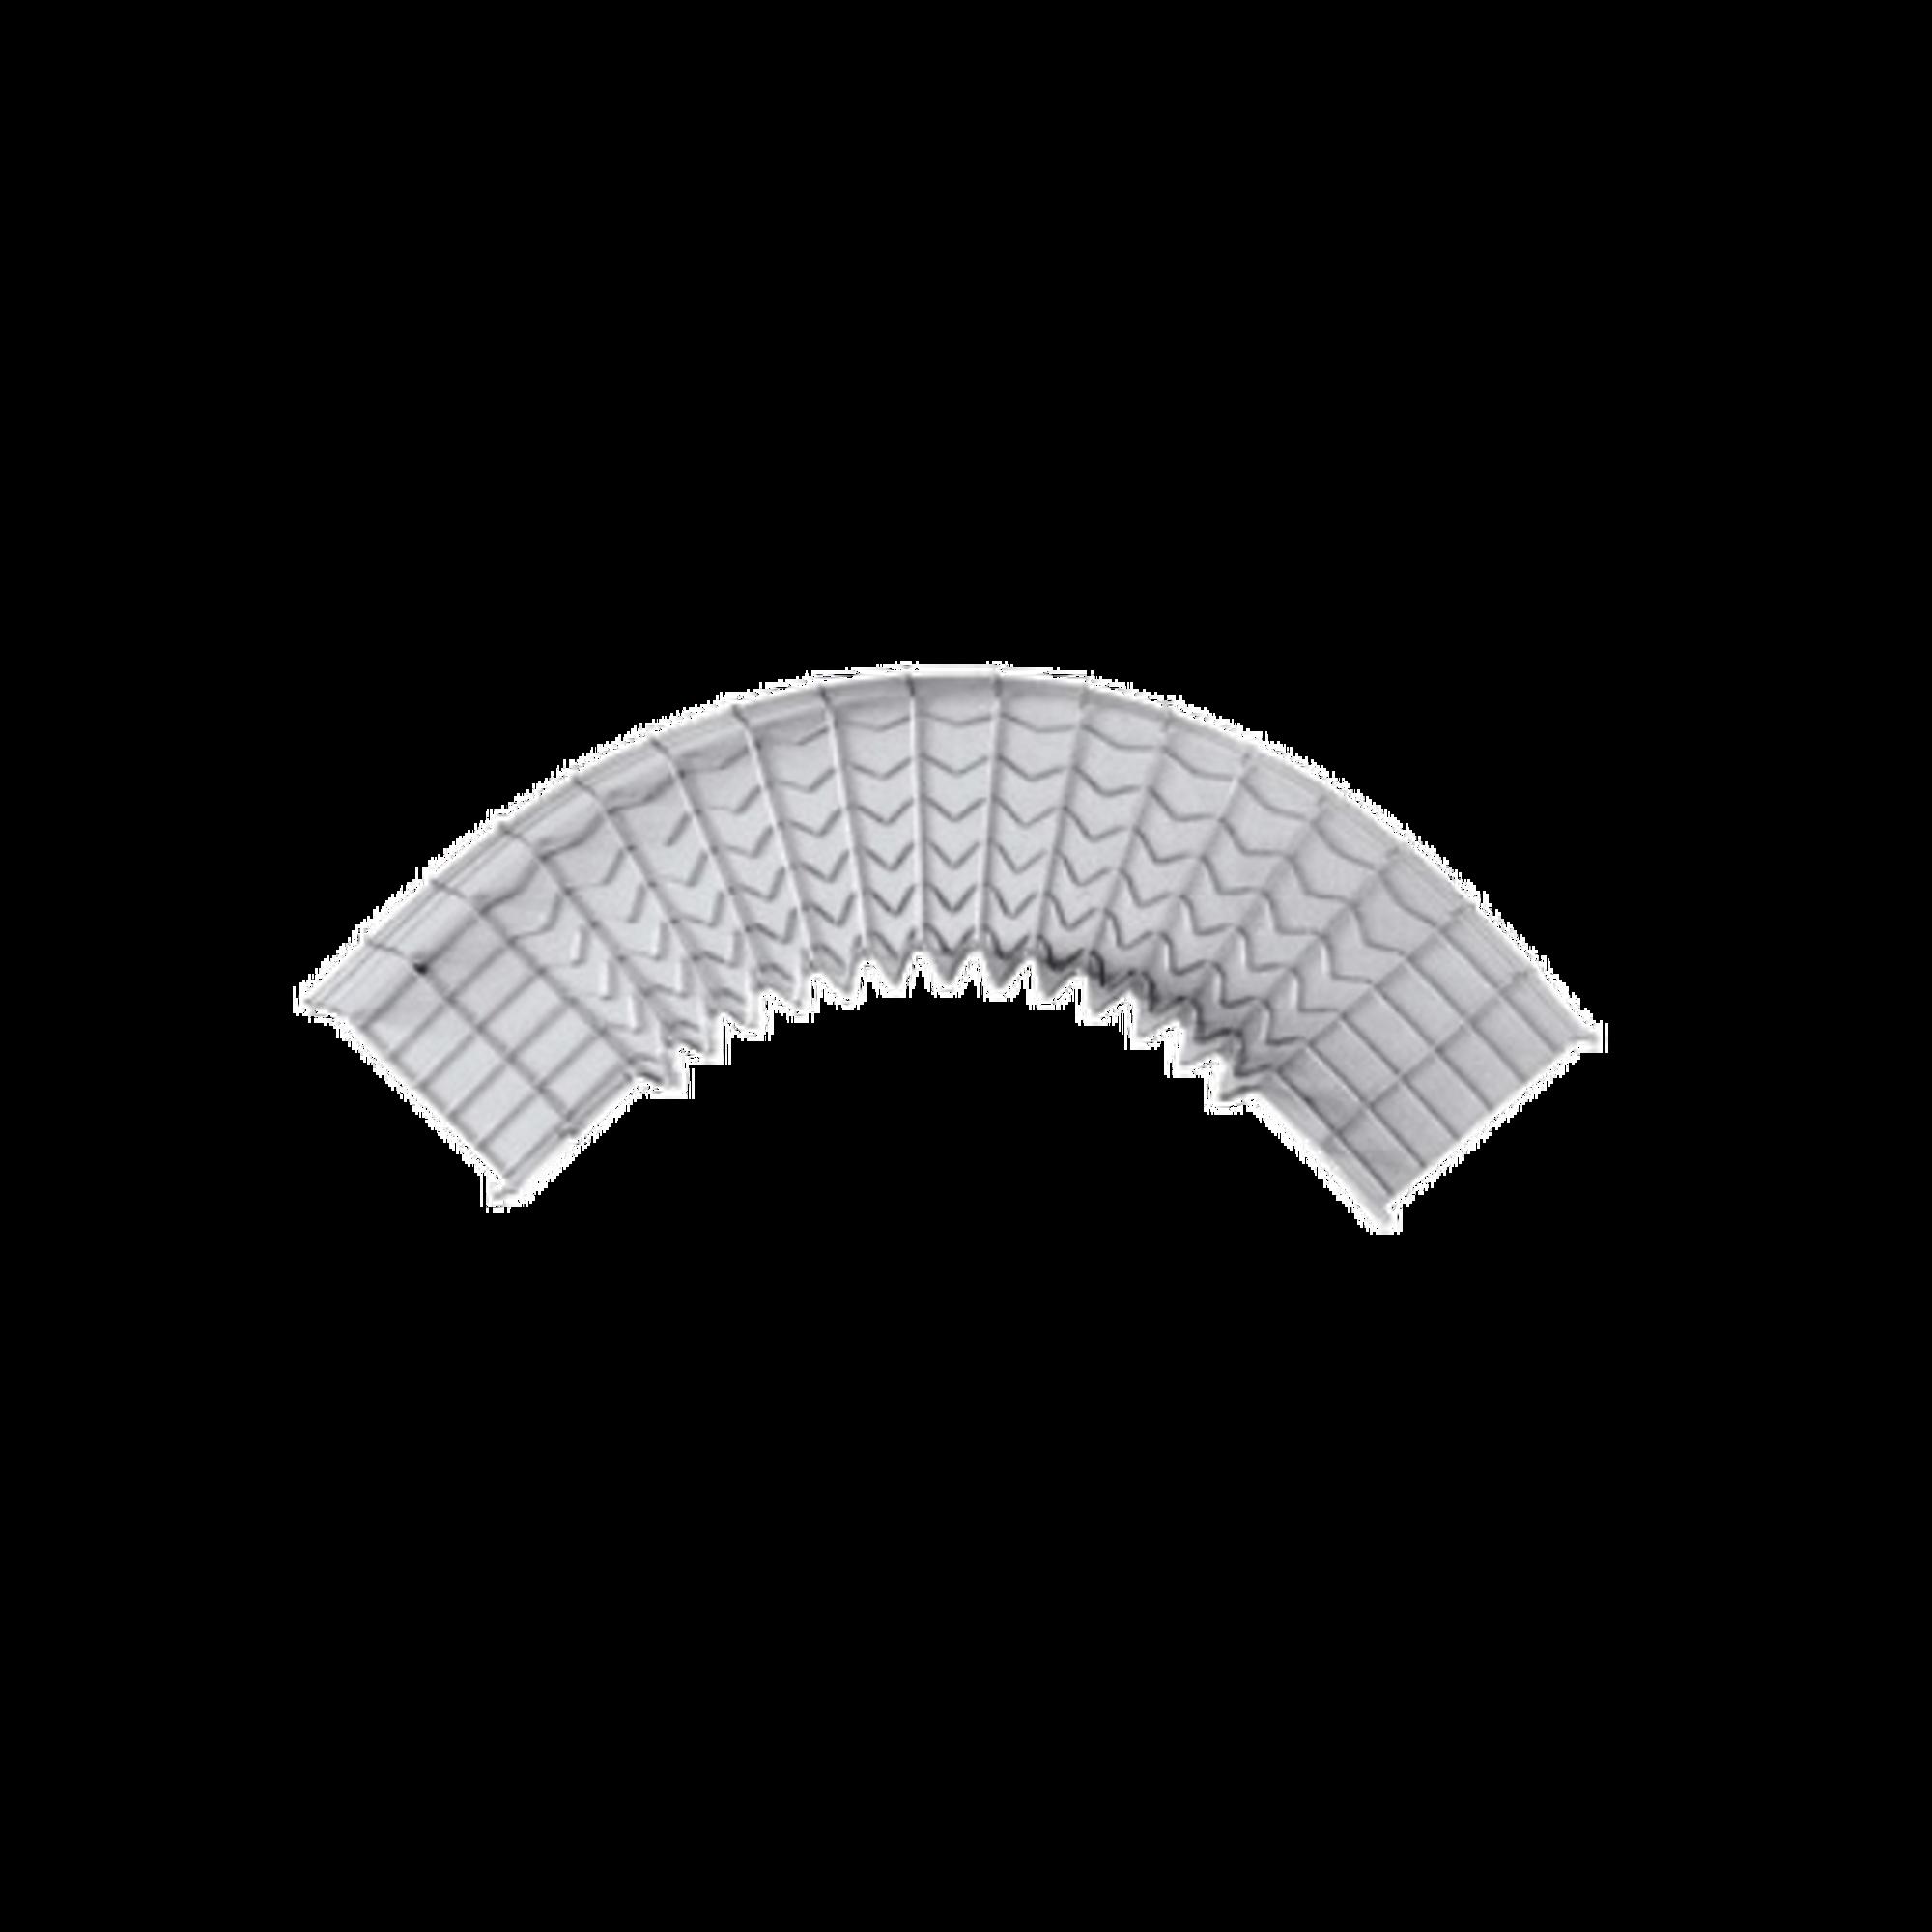 Curva pre-fabricada de 90 grados; 54/150 mm de ancho